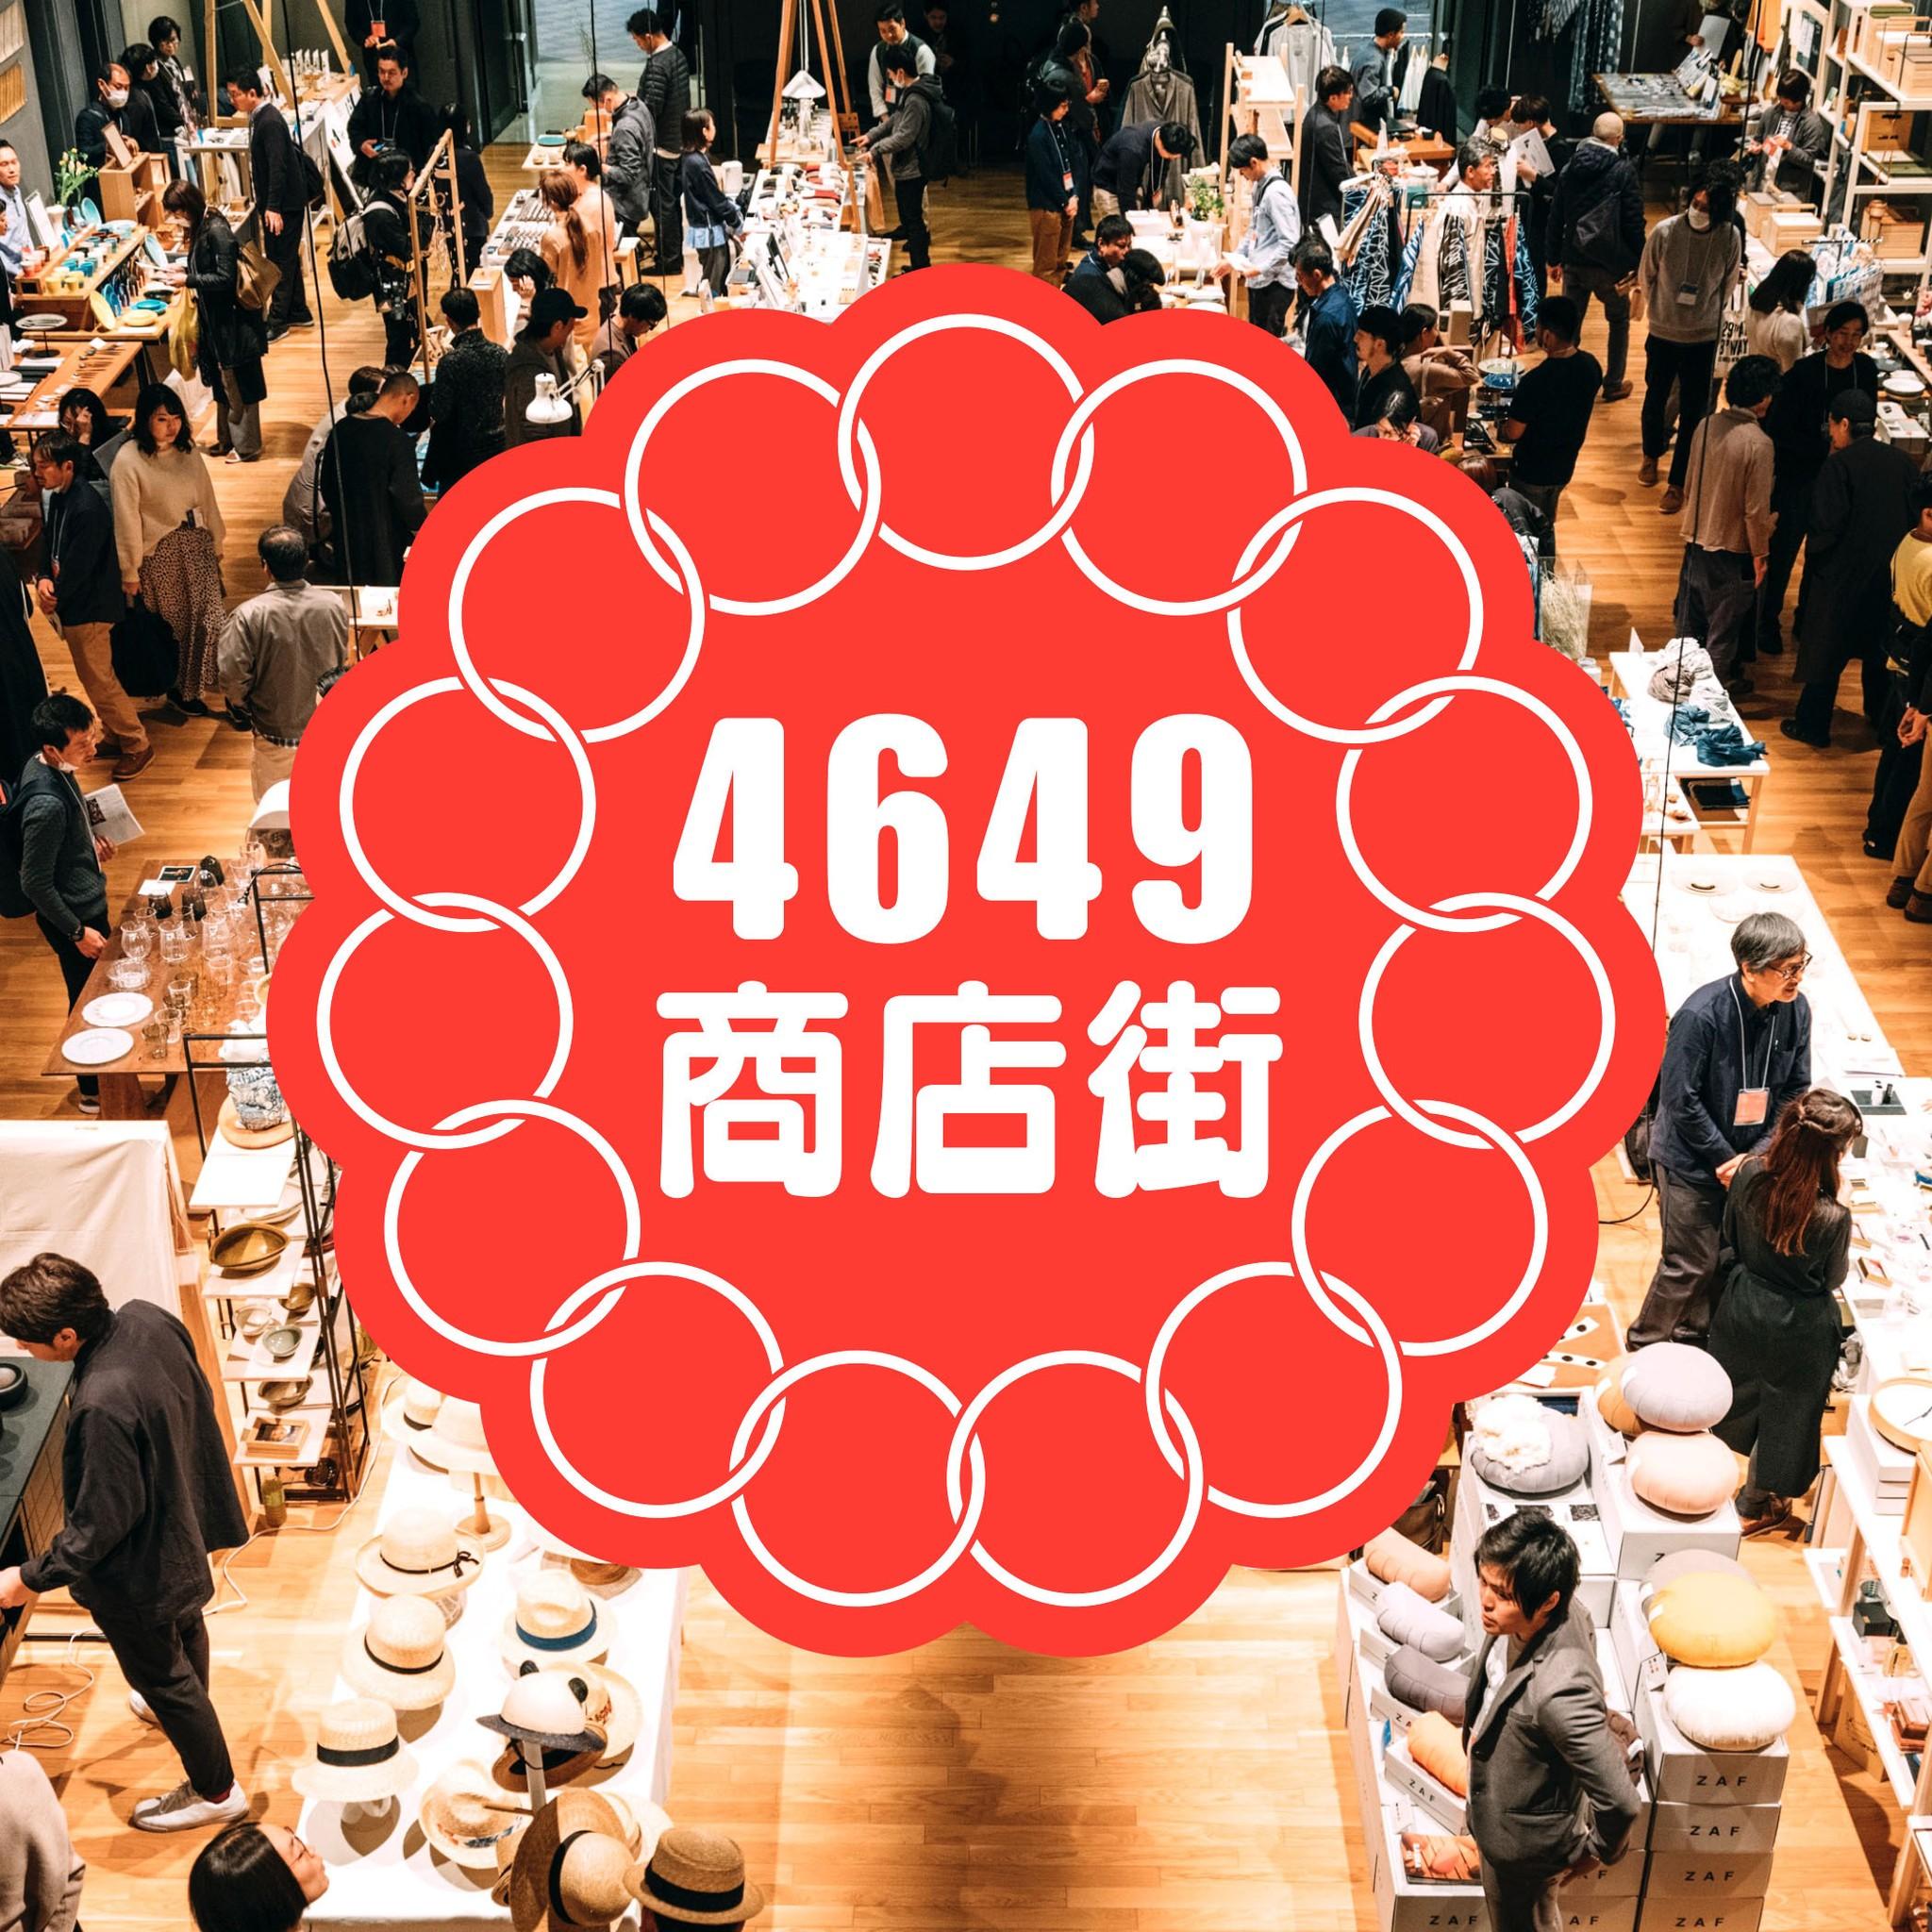 4649商店街に参加しています。